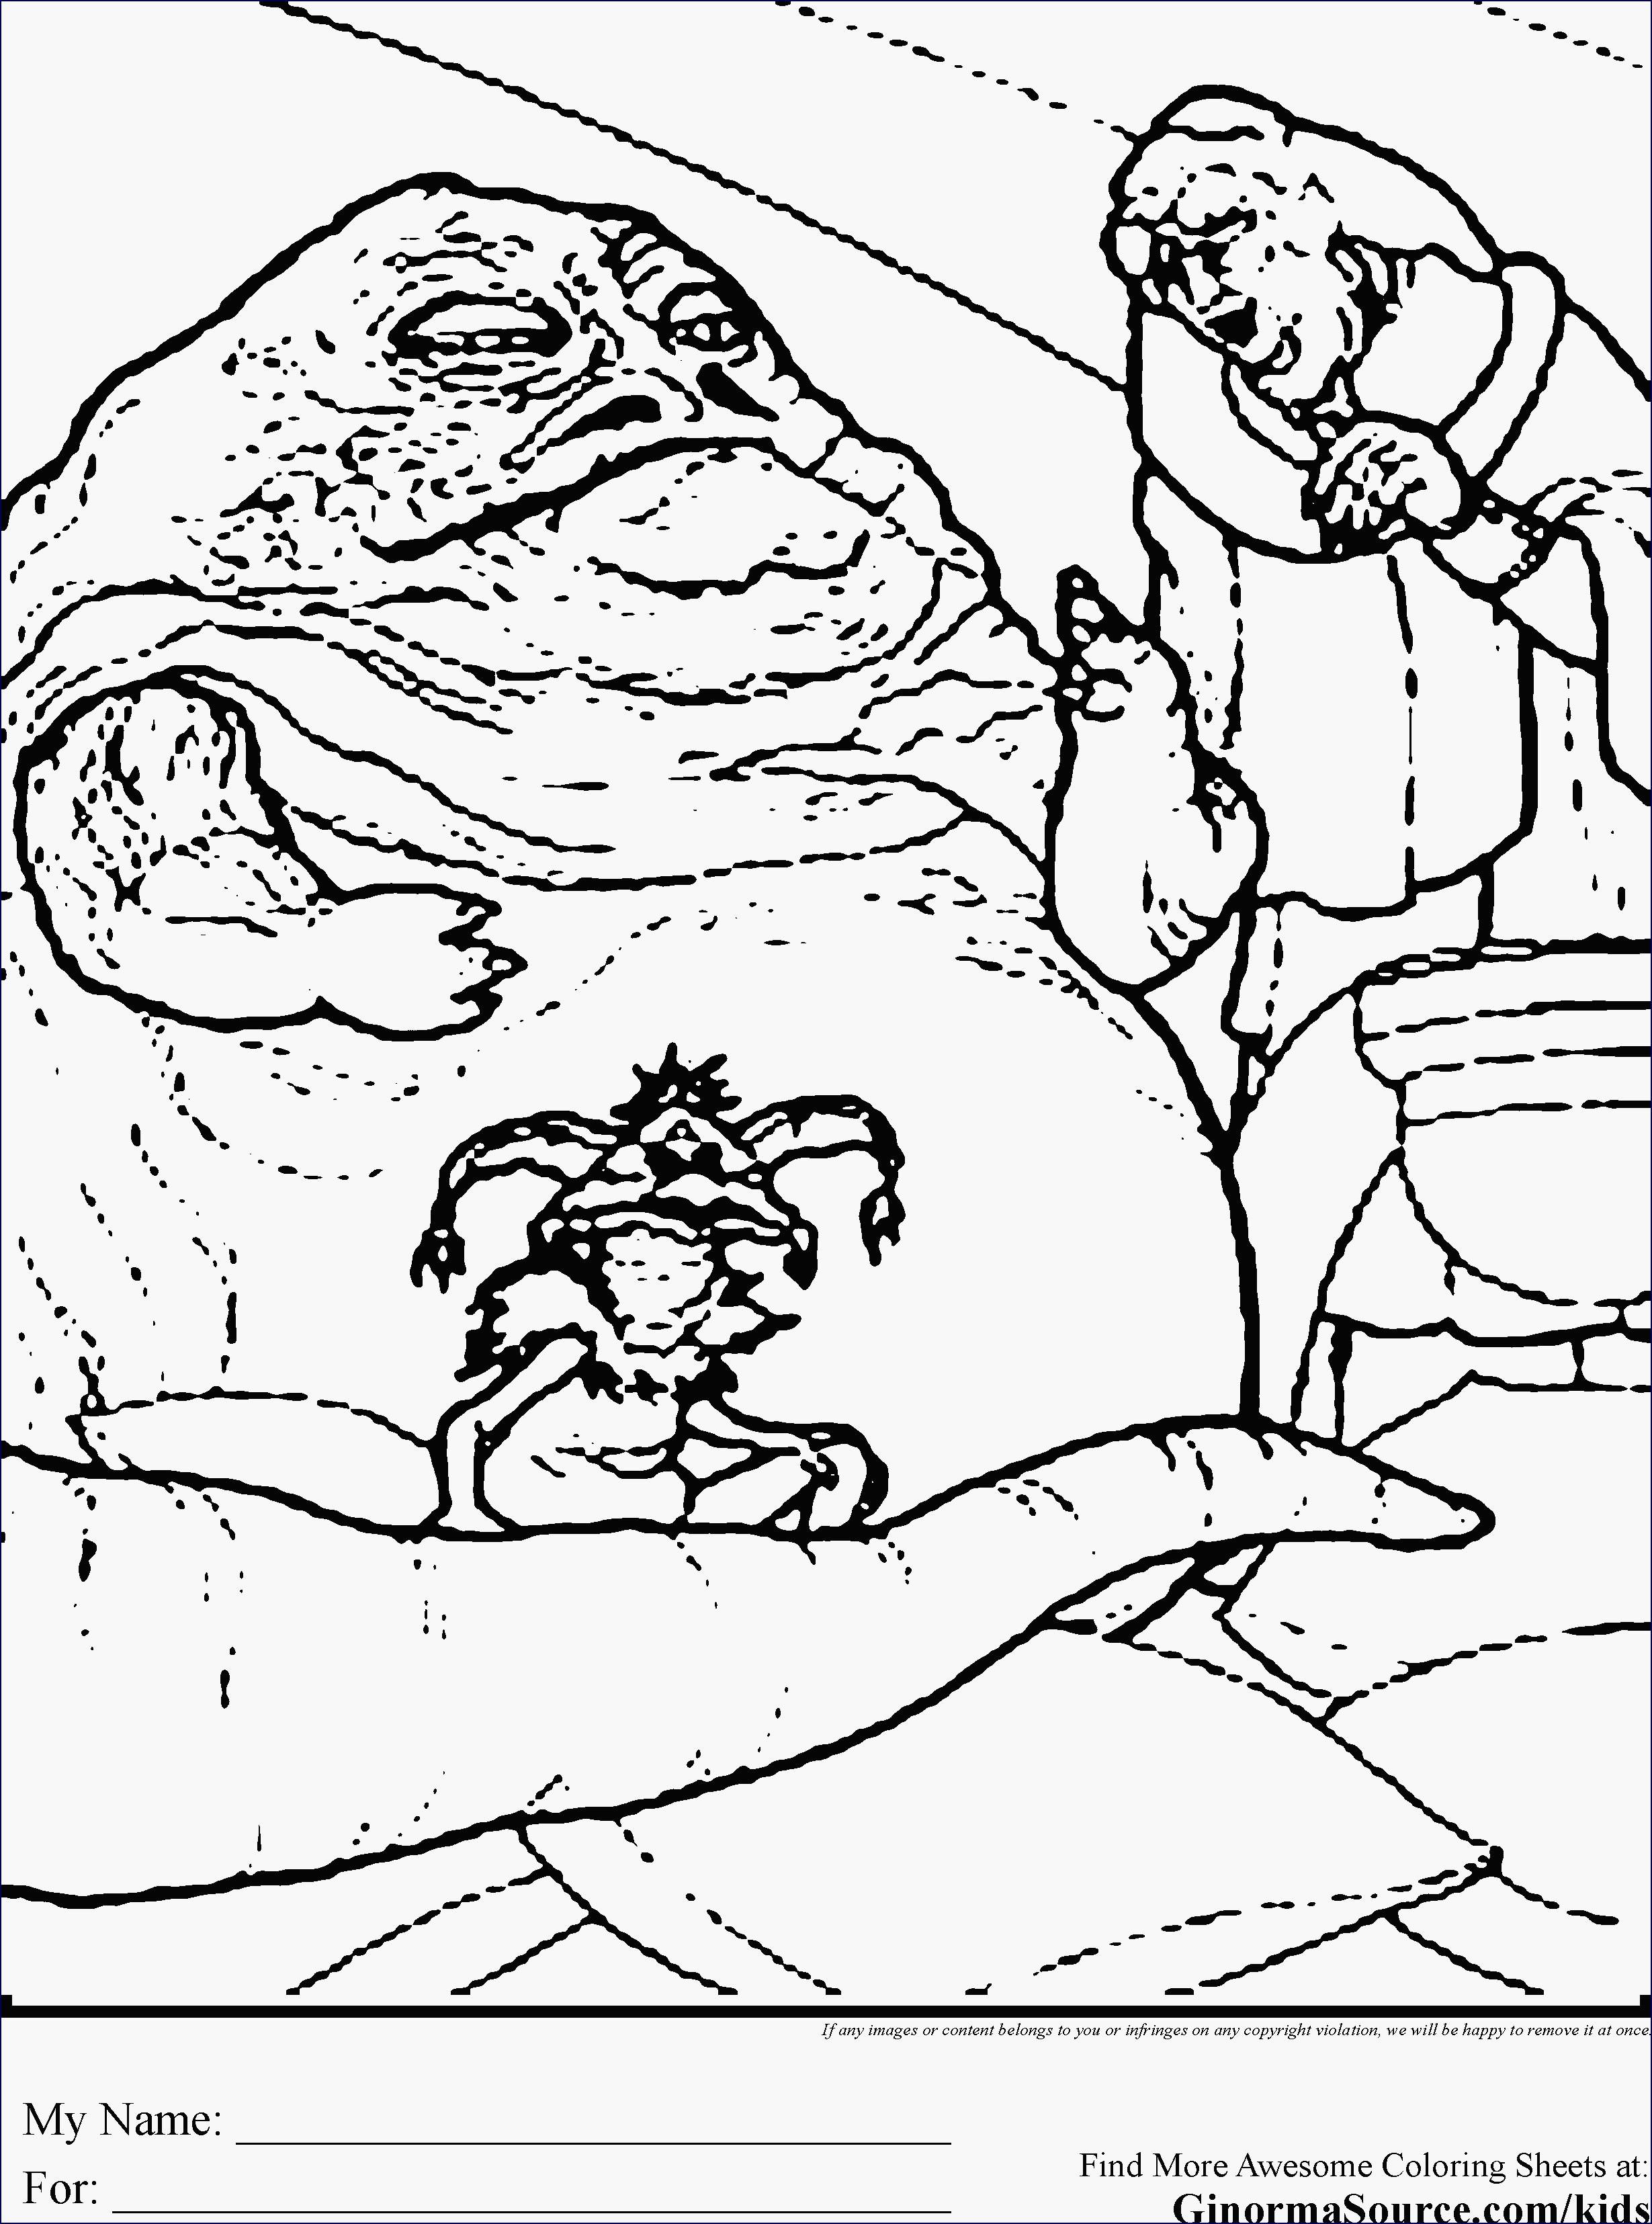 Ausmalbilder Emily Erdbeer Genial Ausmalbilder Emily Erdbeer Best Yoda Ausmalbilder Einzigartig Sammlung